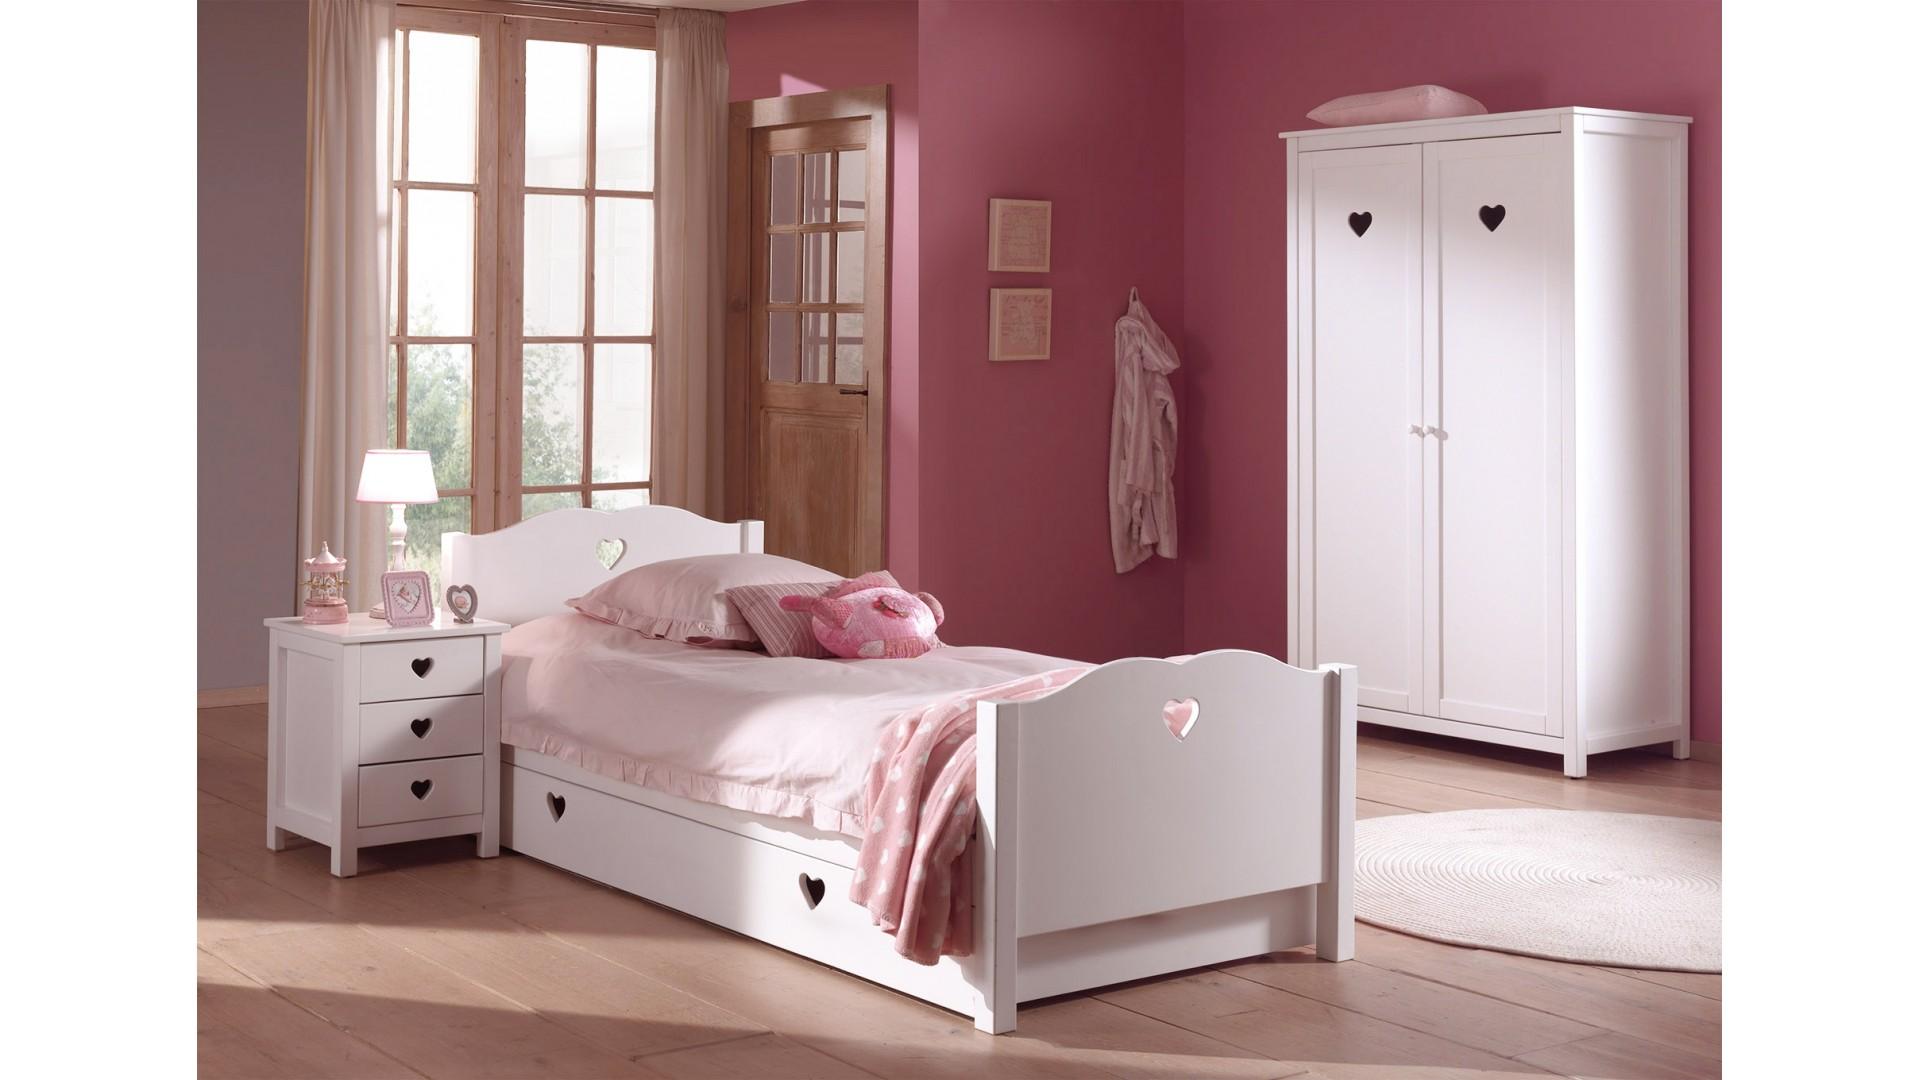 Lit fillette chambre EMILIE avec couchage 90x200 cm - SONUIT